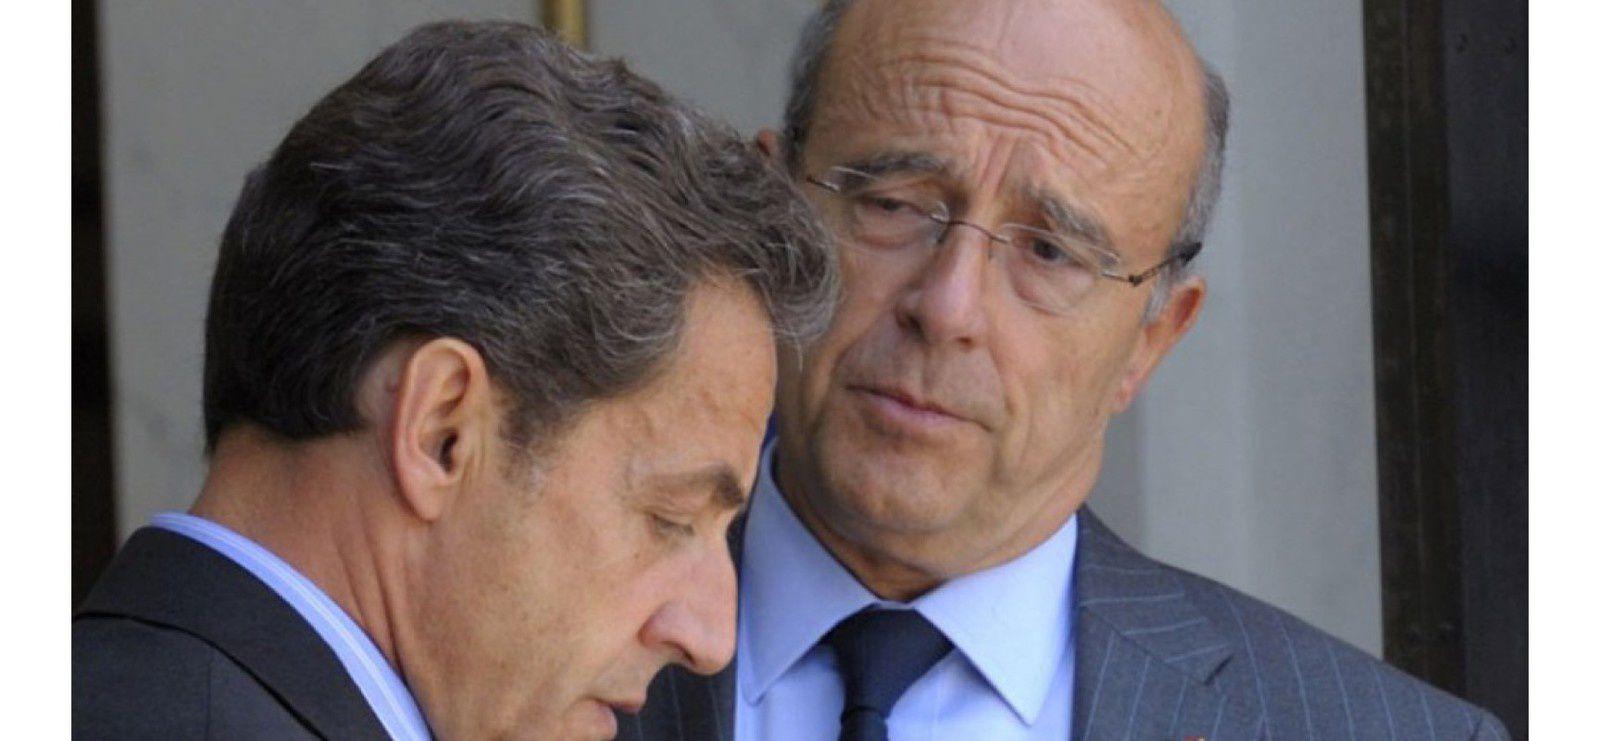 FRANCE:ALAIN JUPPÉ REVELE: &quot&#x3B;LA CHUTE DE GBAGBO LAURENT ET L'ASSASSINAT DE KADHAFI , NICOLAS SARKOZY EN SAIT QUELQUE CHOSE&quot&#x3B; (Sunuker)